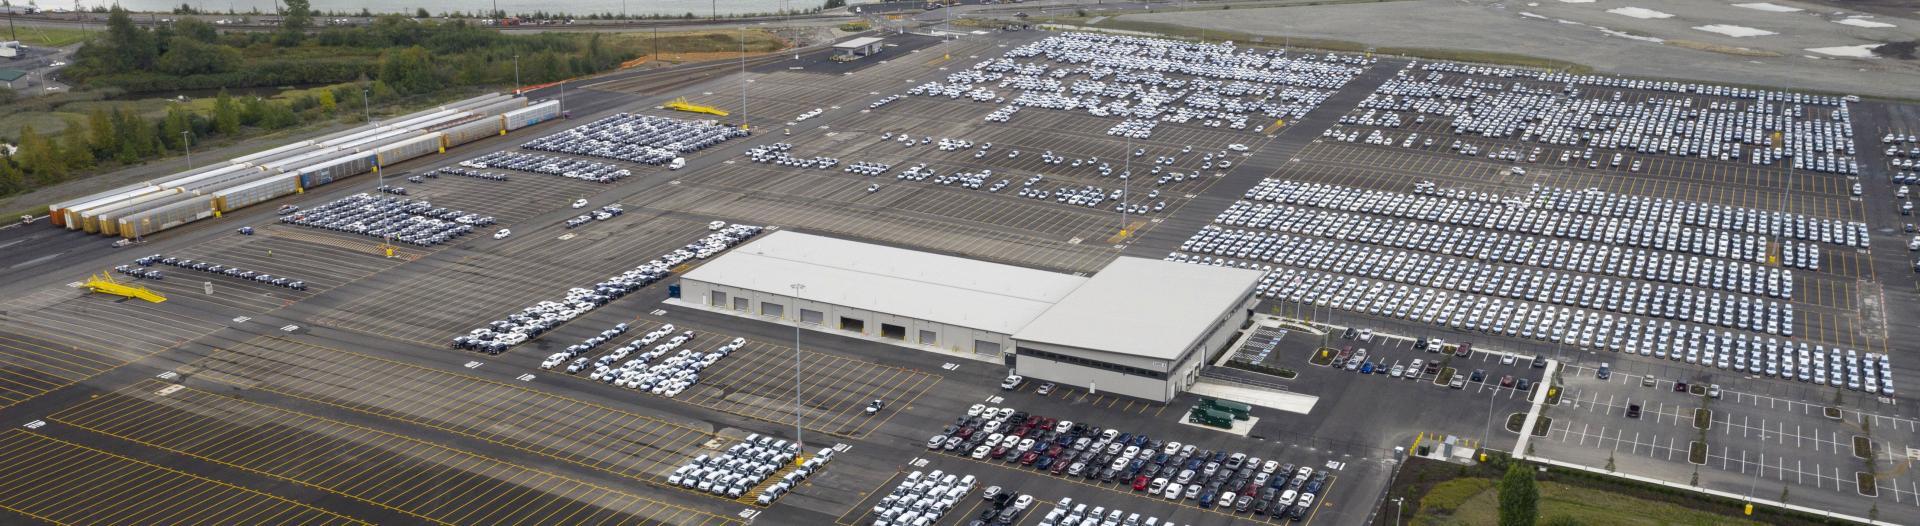 Taylor Way auto Facility